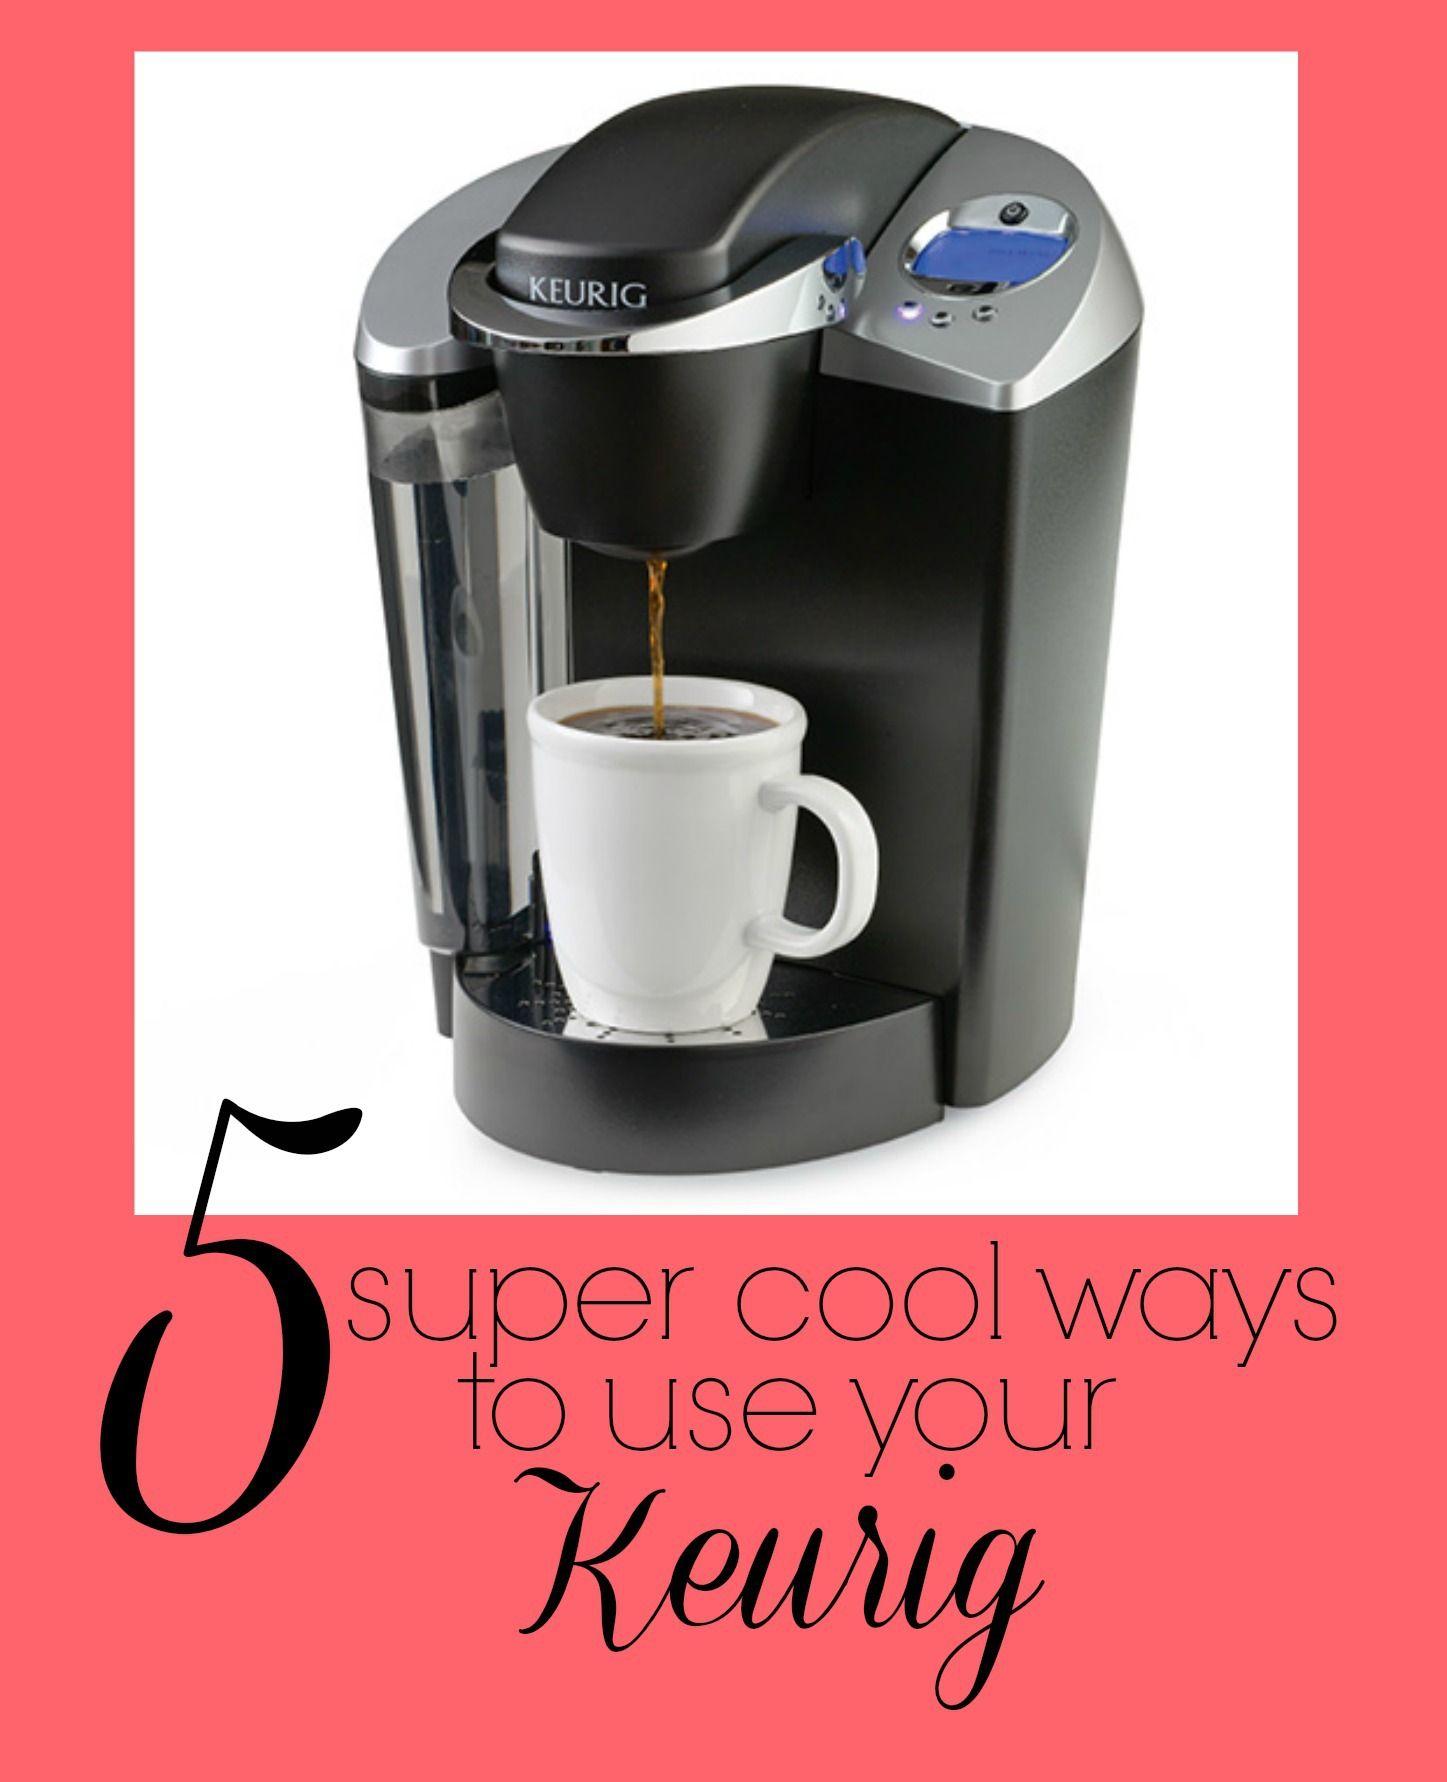 Keurig Coffee Maker Cleaning Tips : Five Ways to Use a Keurig Keurig, Coffee and College